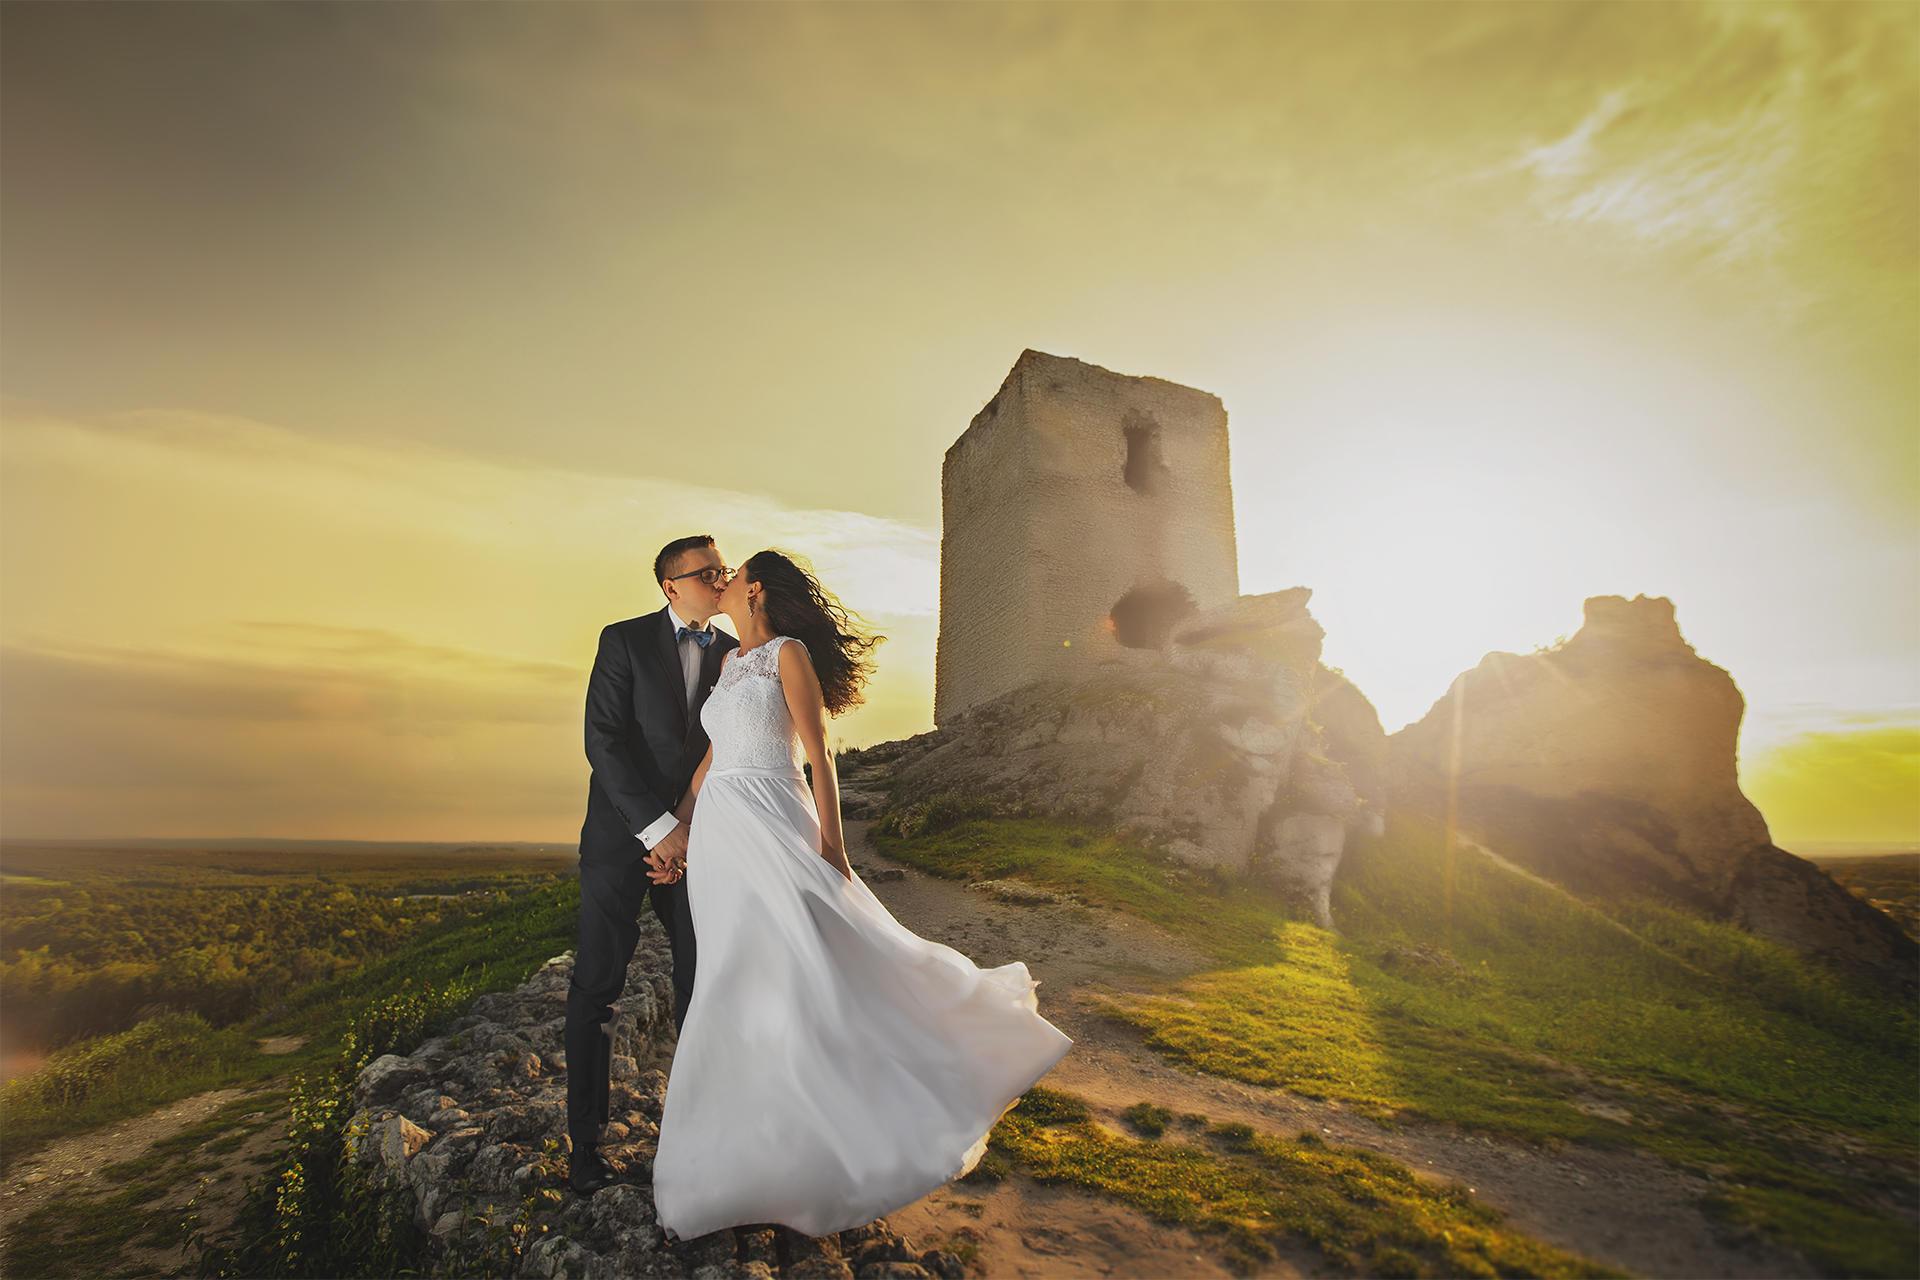 Plener ślubny jak marzenie - porady